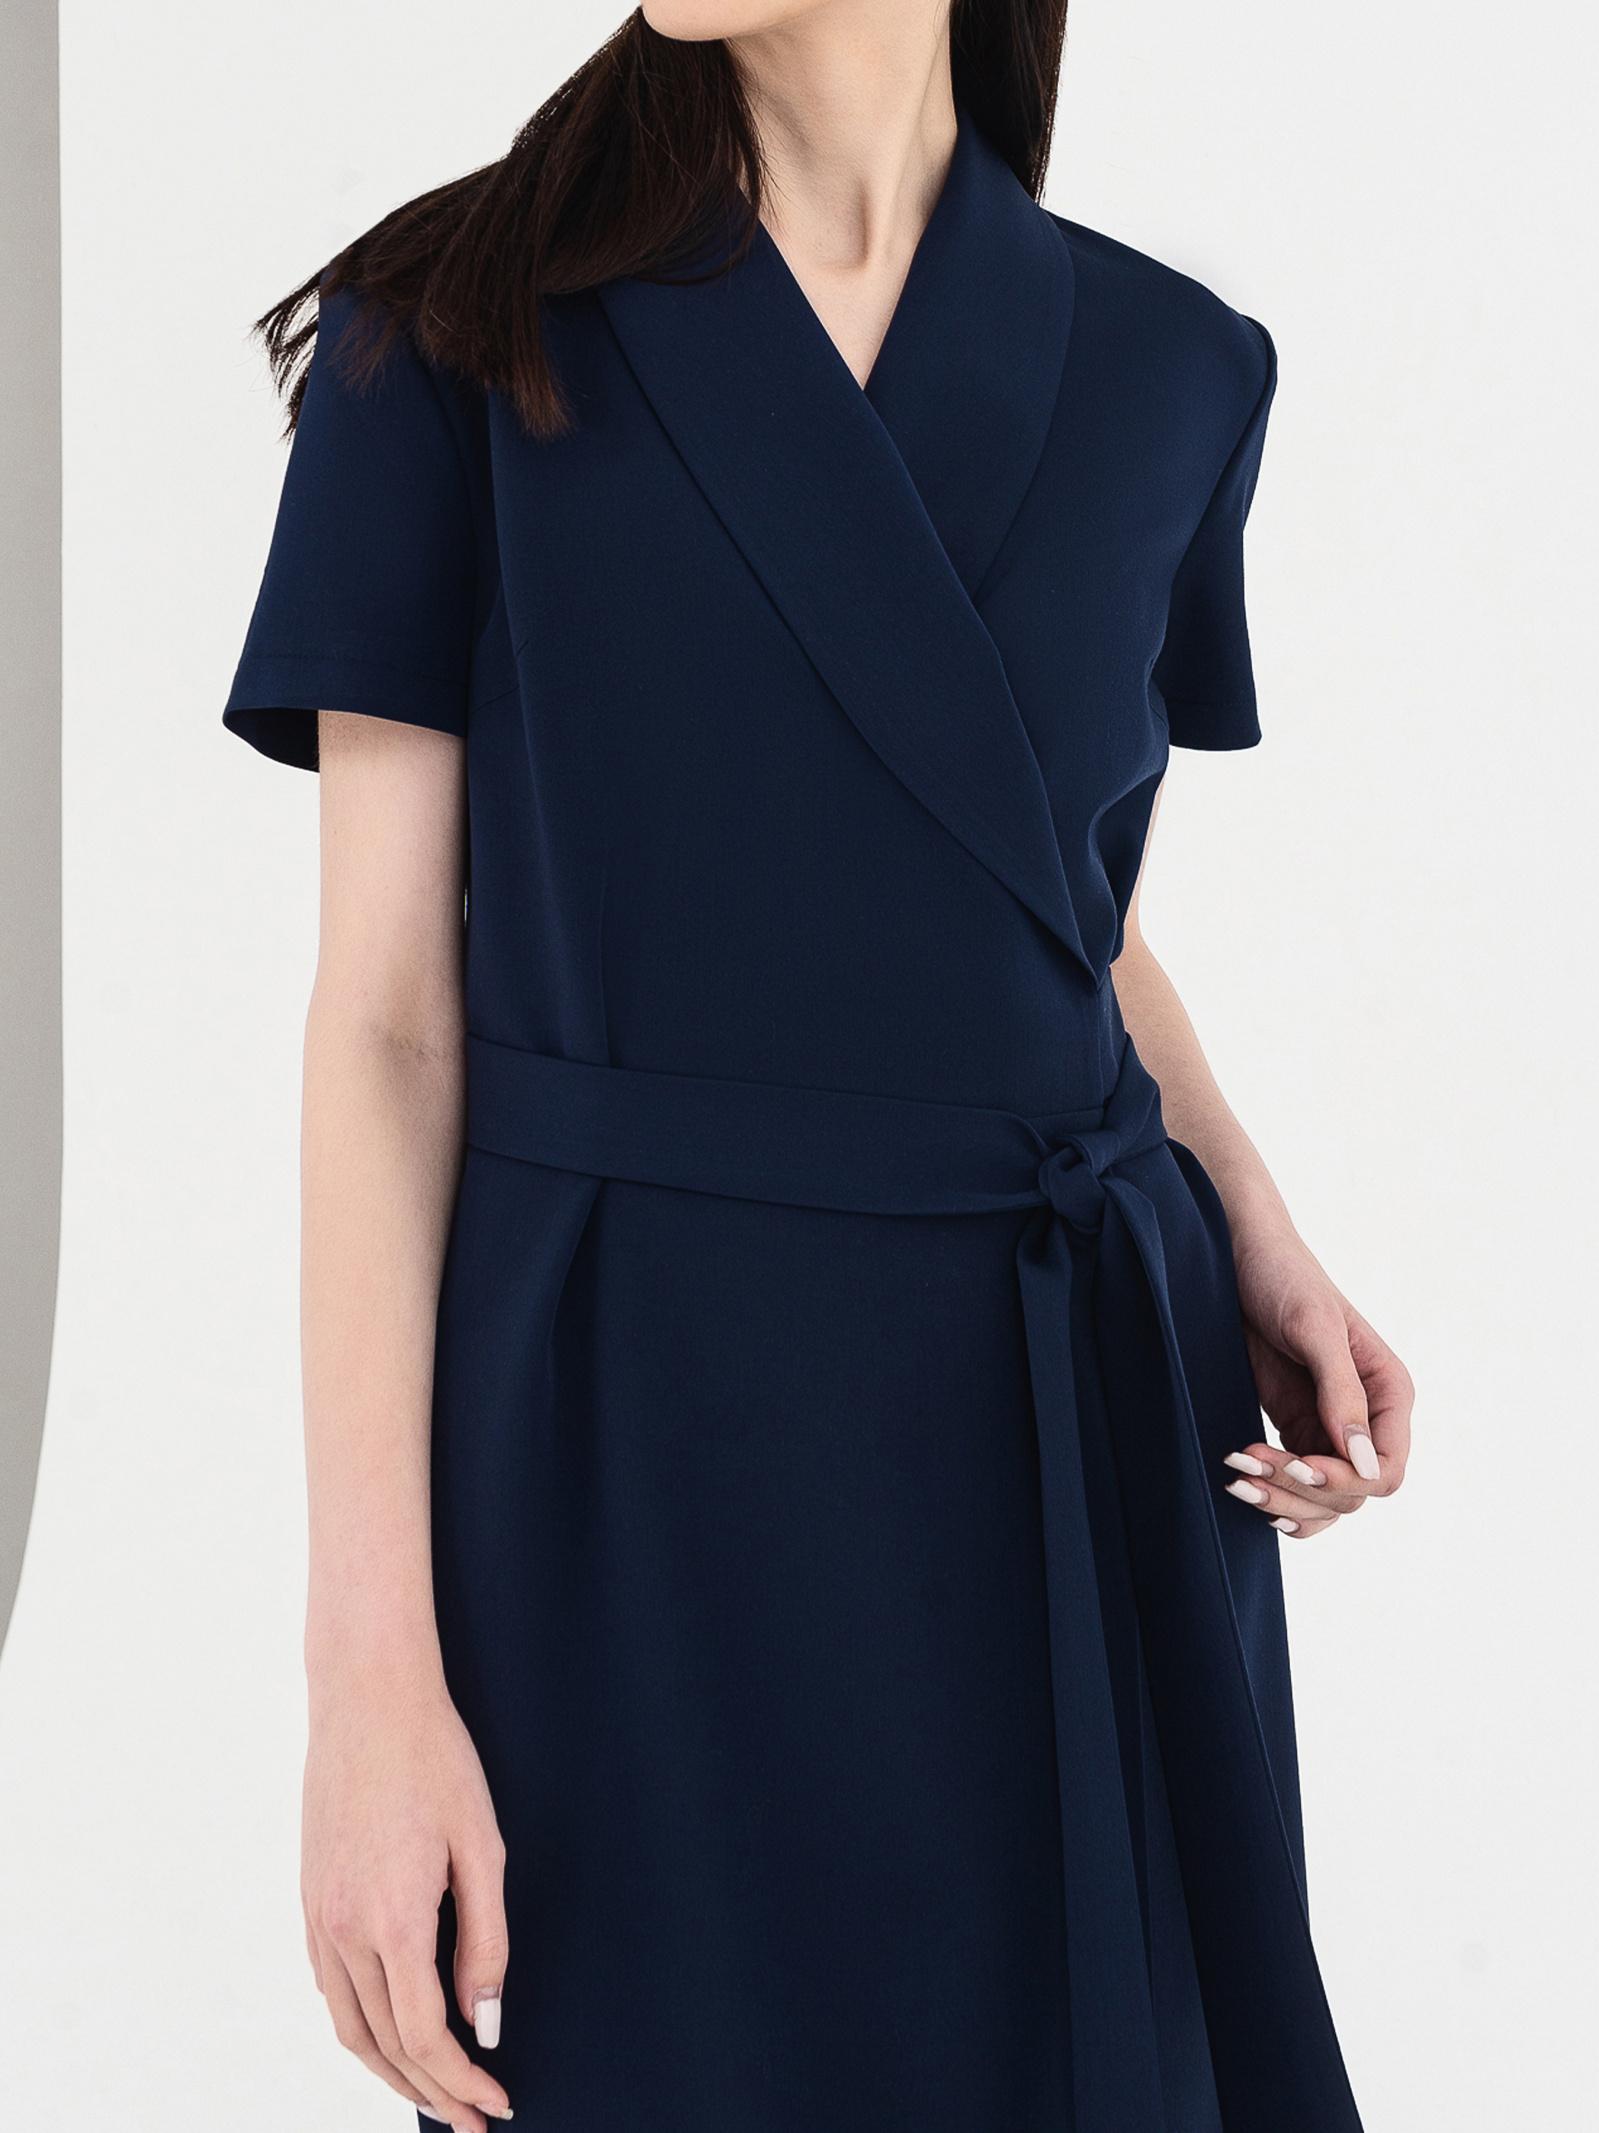 VOVK Сукня жіночі модель 07212 синій купити, 2017